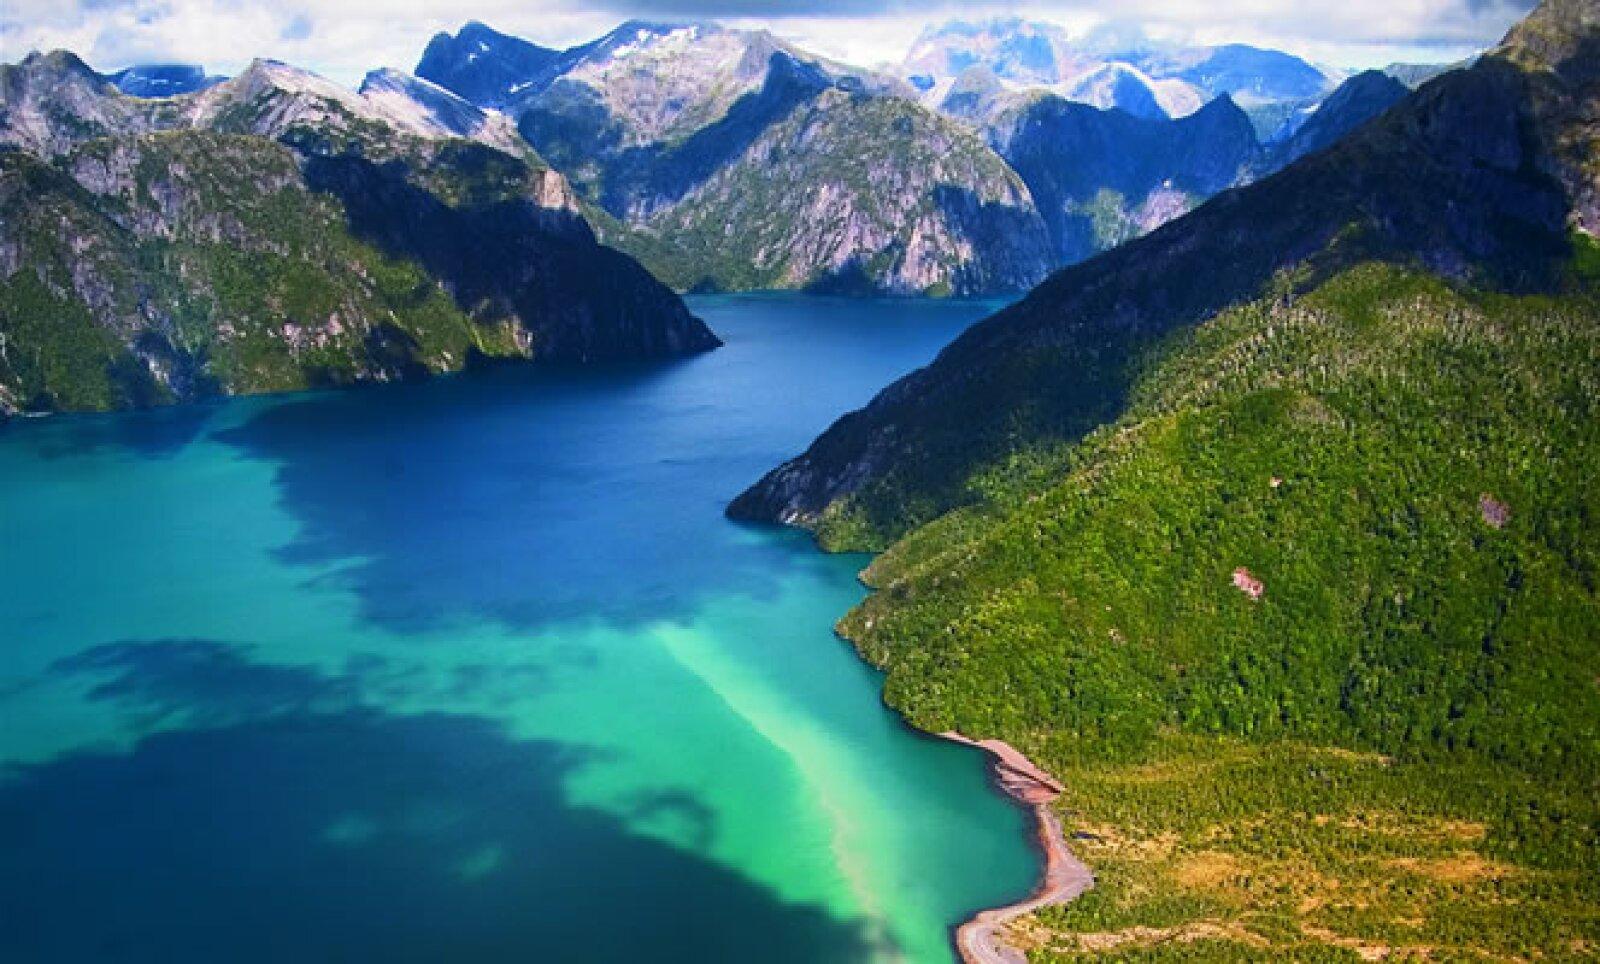 Esta es la vista del encuentro entre un río fangoso y la entrada al mar patagónico.